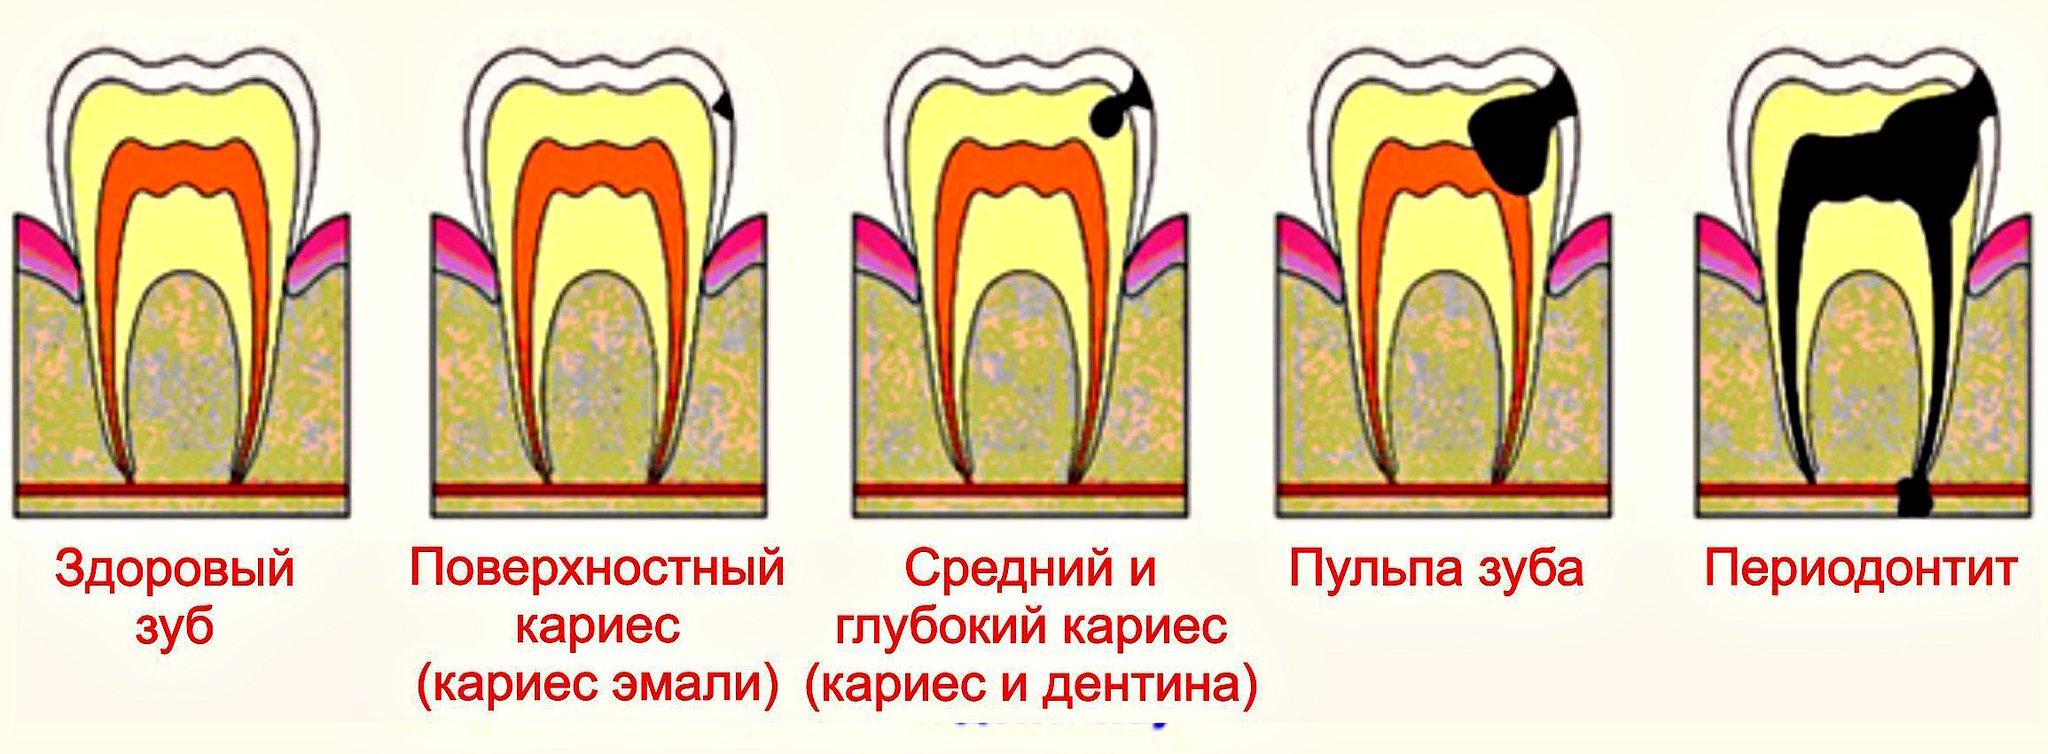 Лечение пульпита молочных зубов у детей